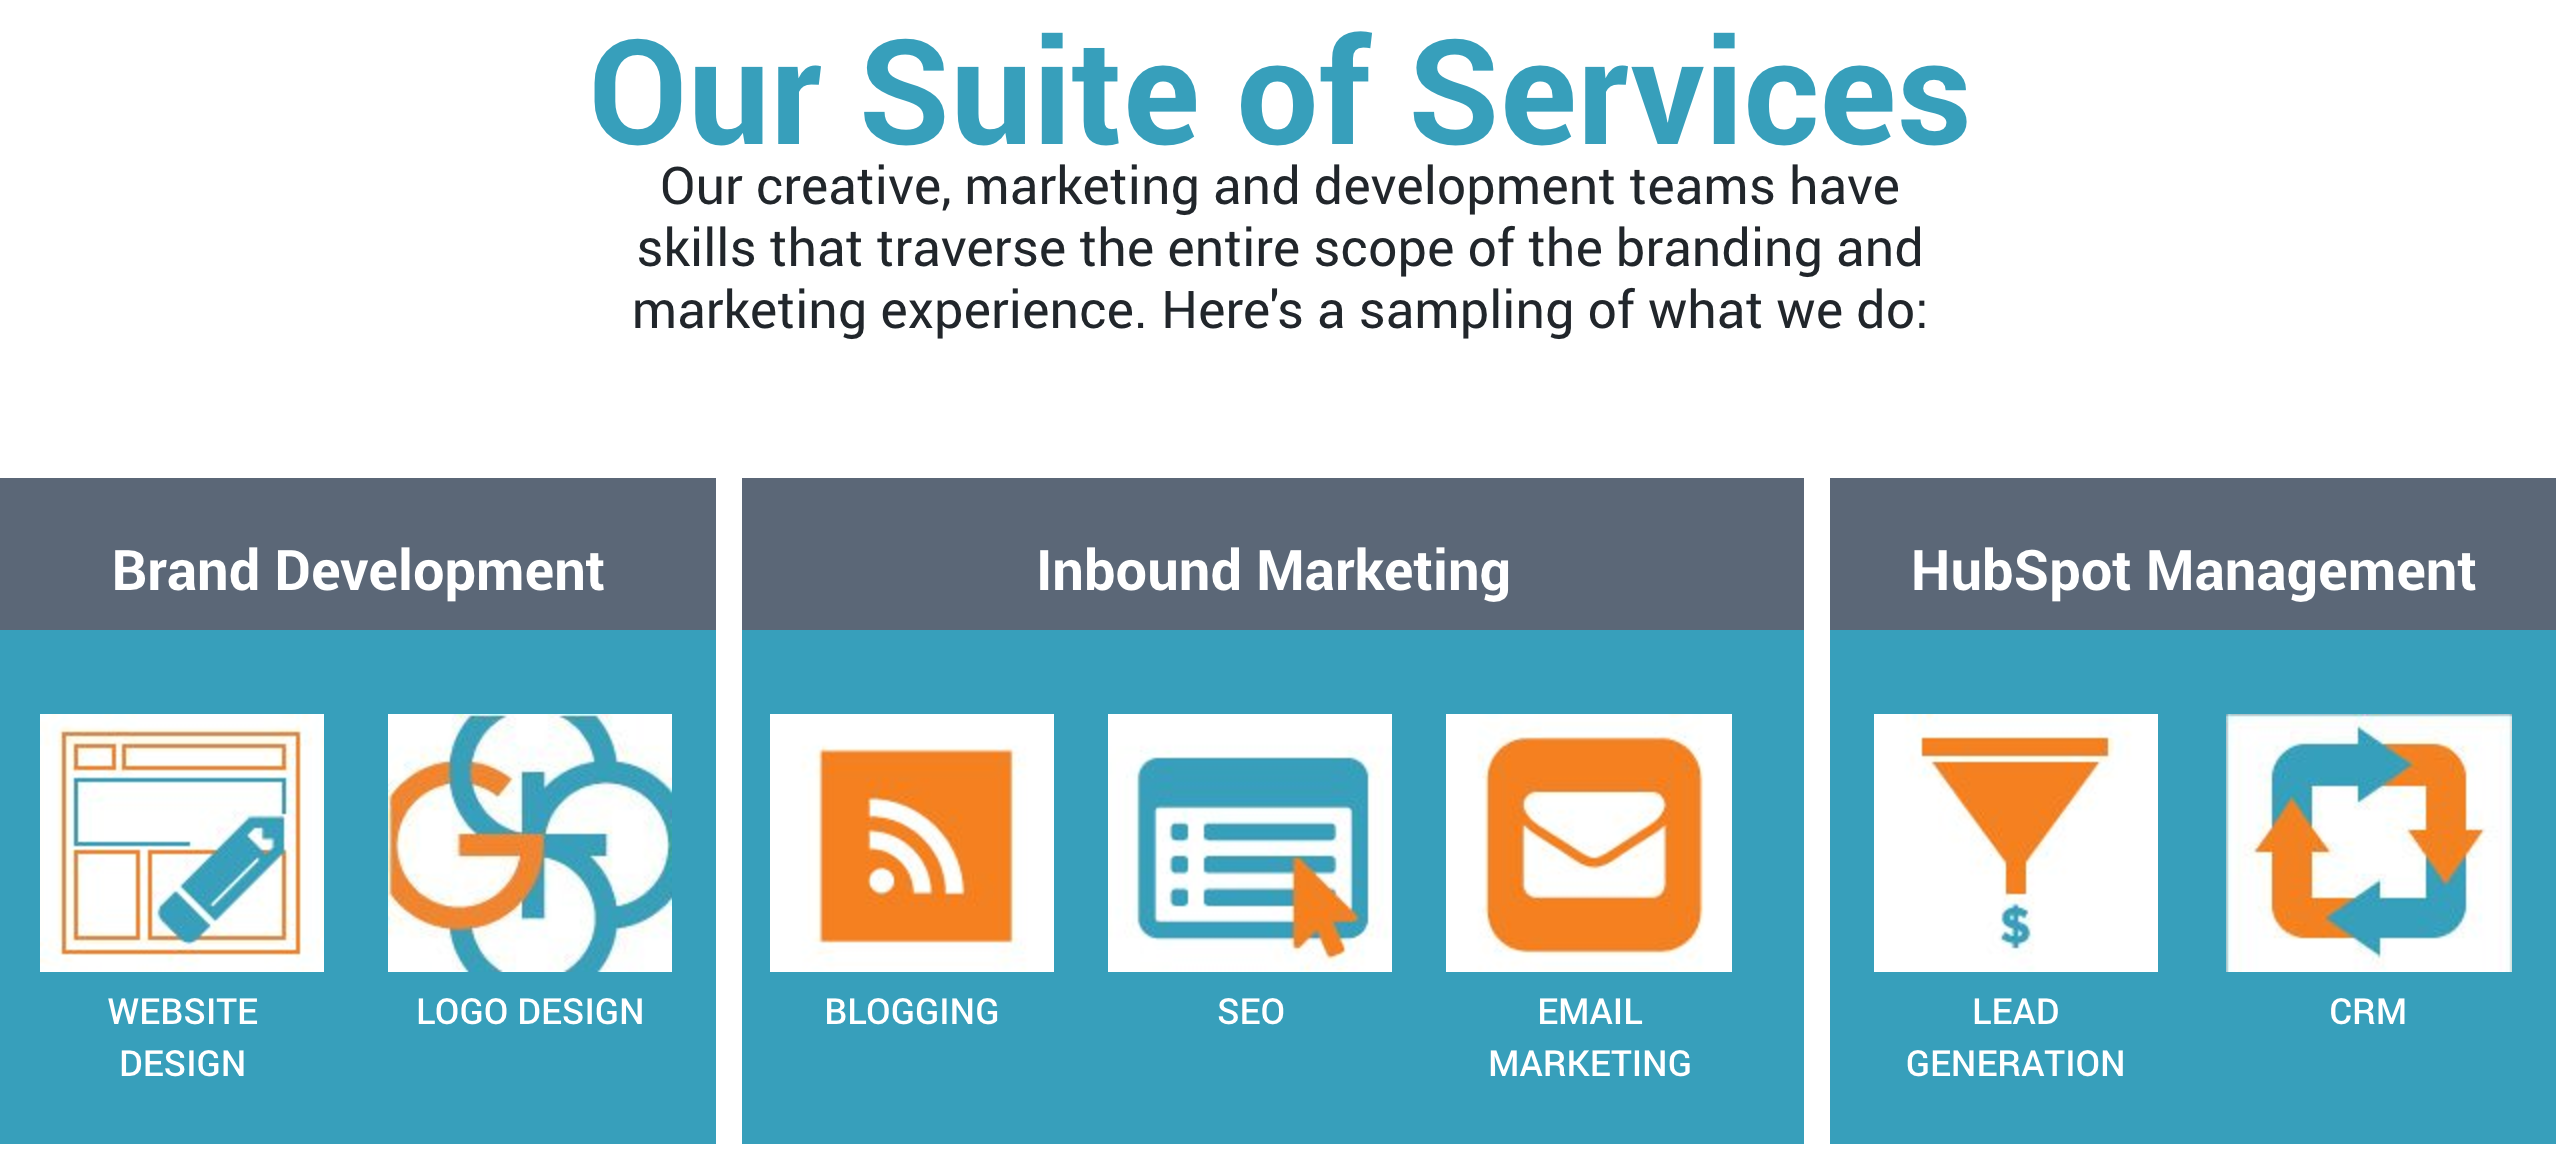 Grant Marketing Demo - Grant Marketing's Services